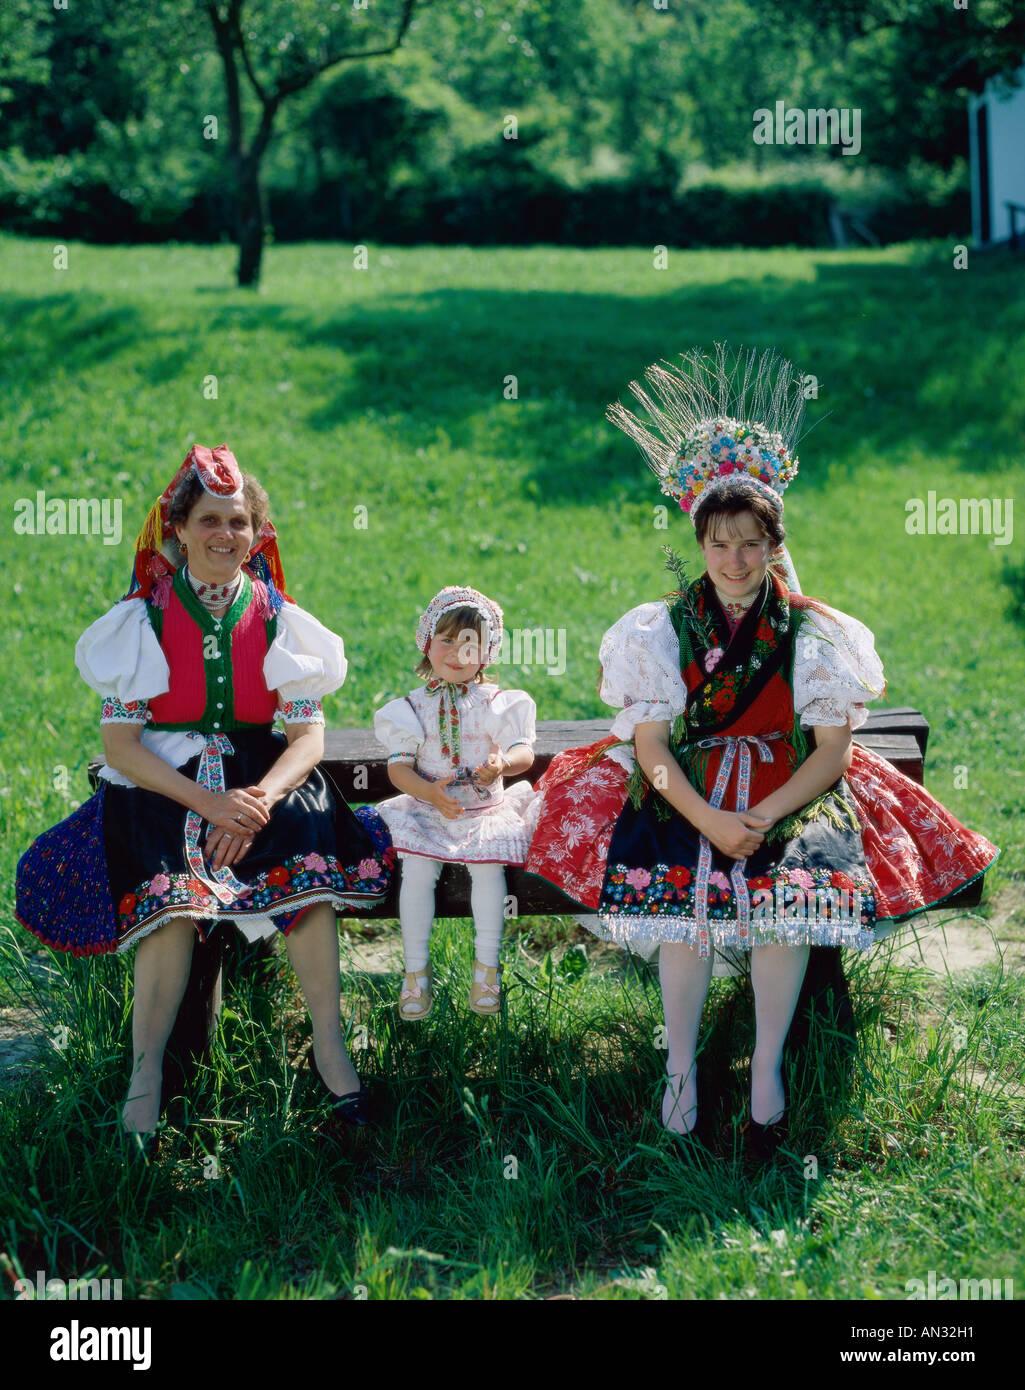 Traje de folklore tradicional, Hungría Imagen De Stock